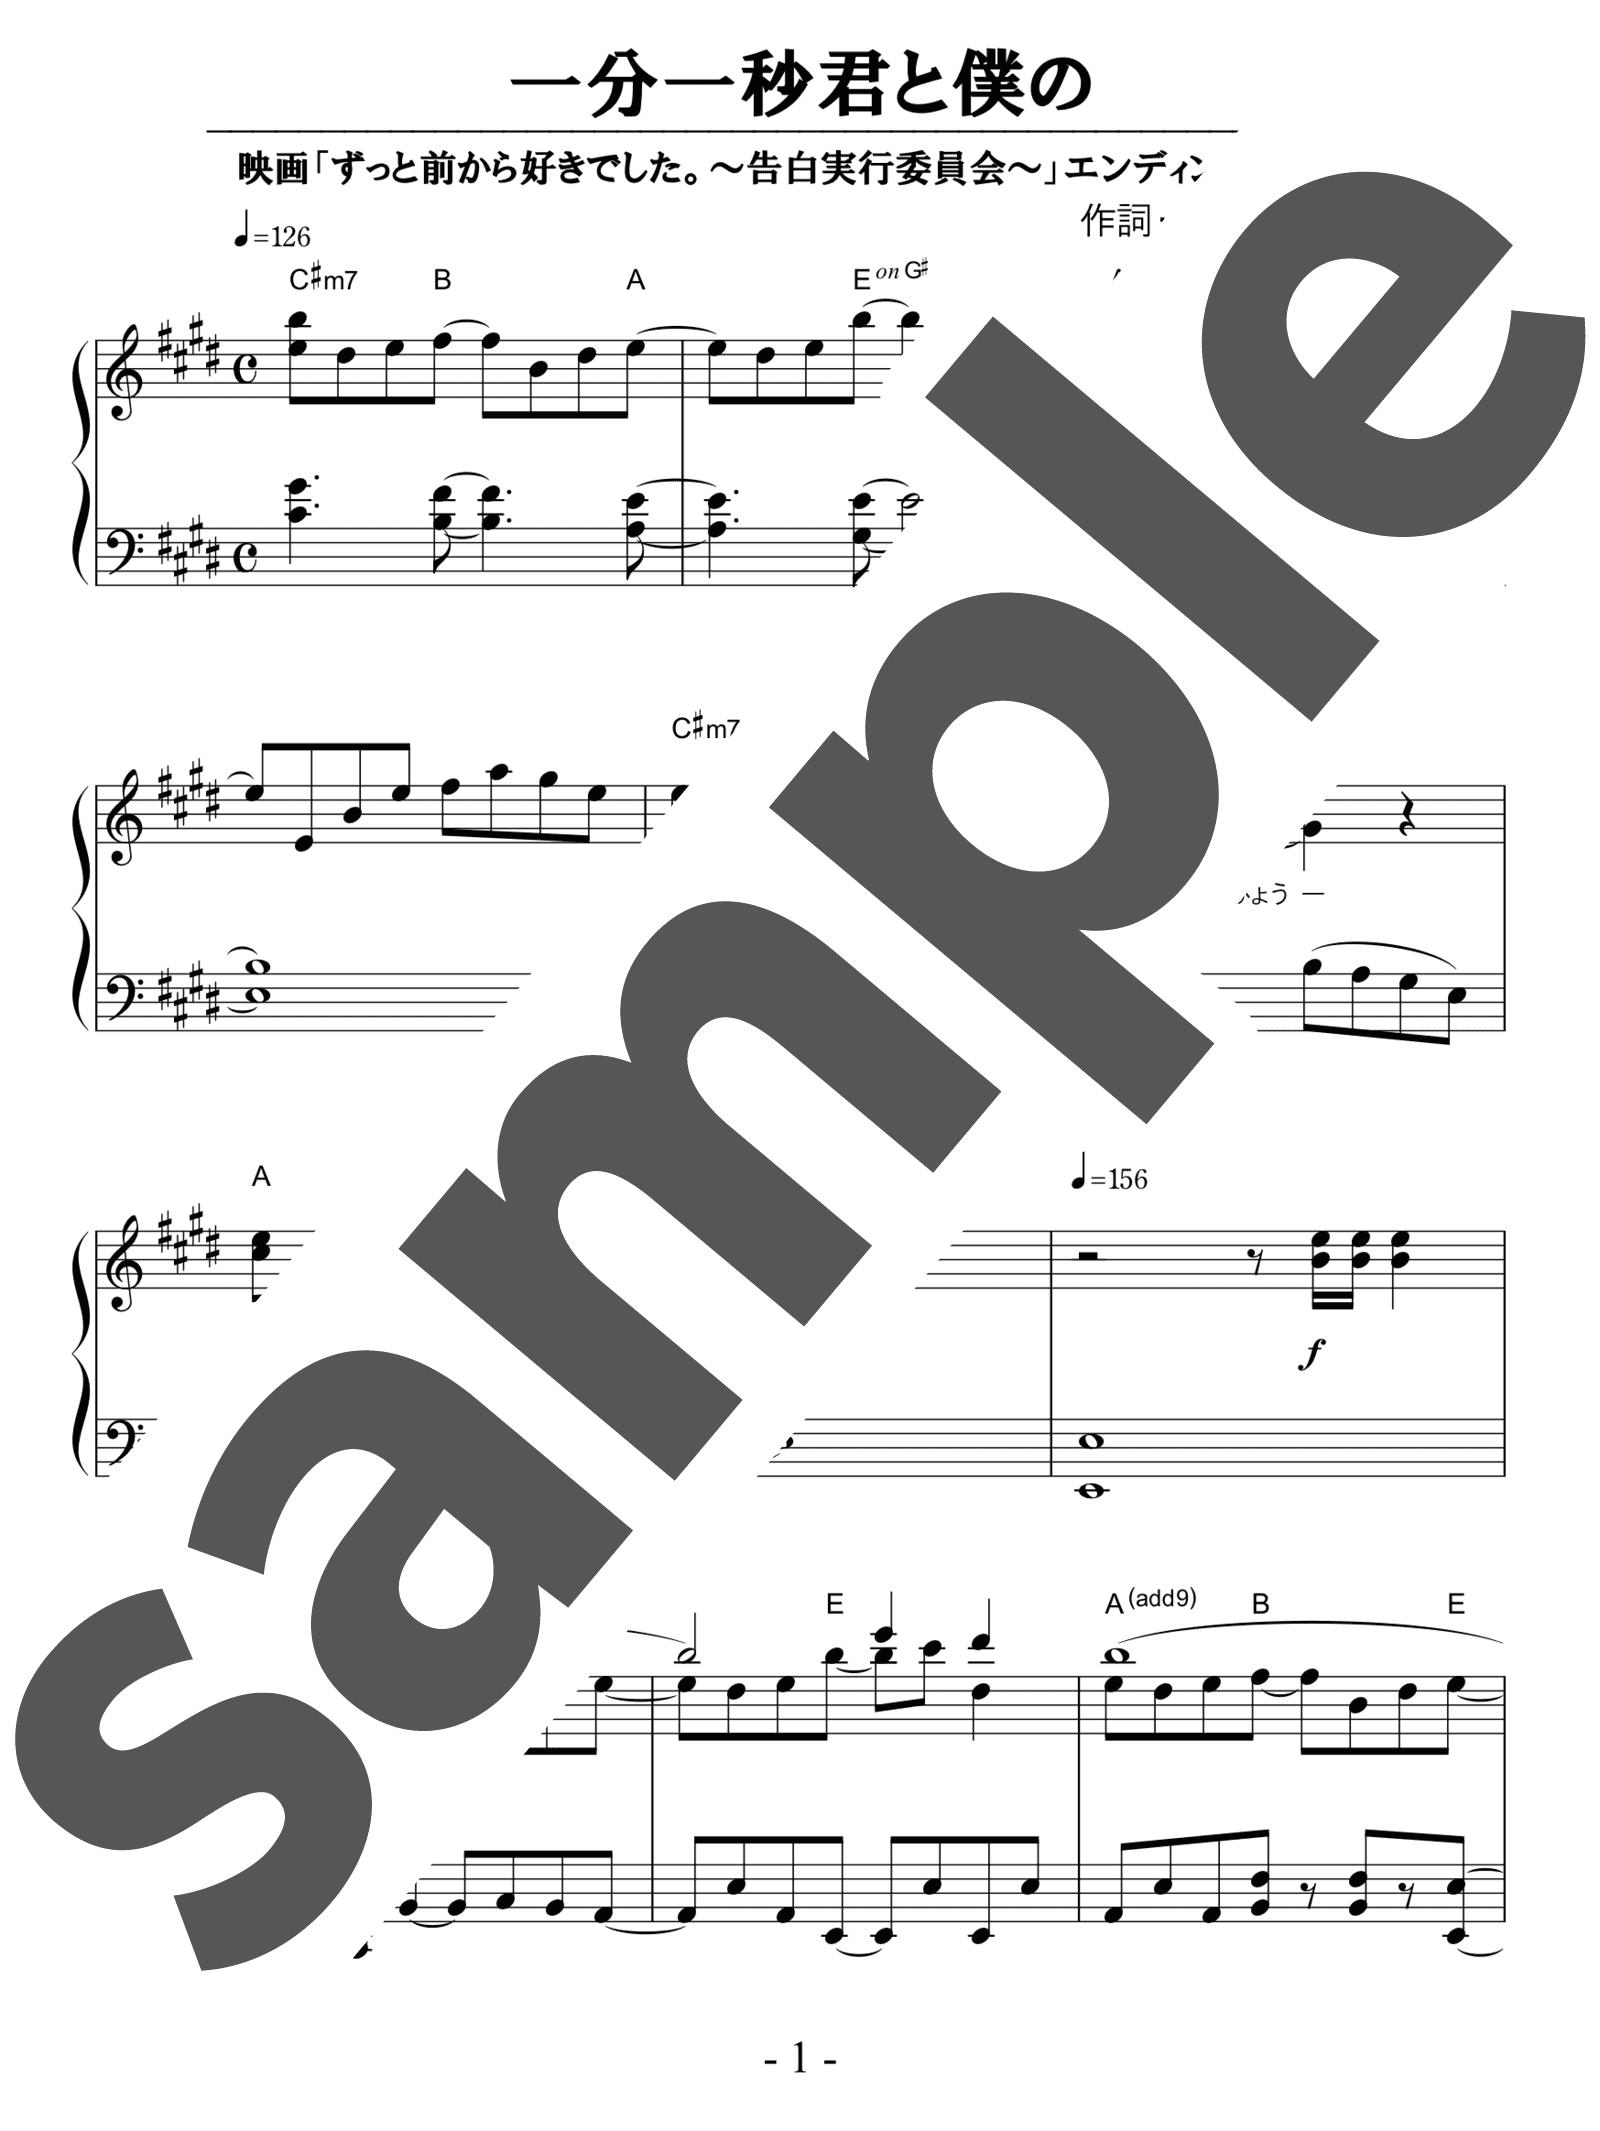 「一分一秒君と僕の」のサンプル楽譜